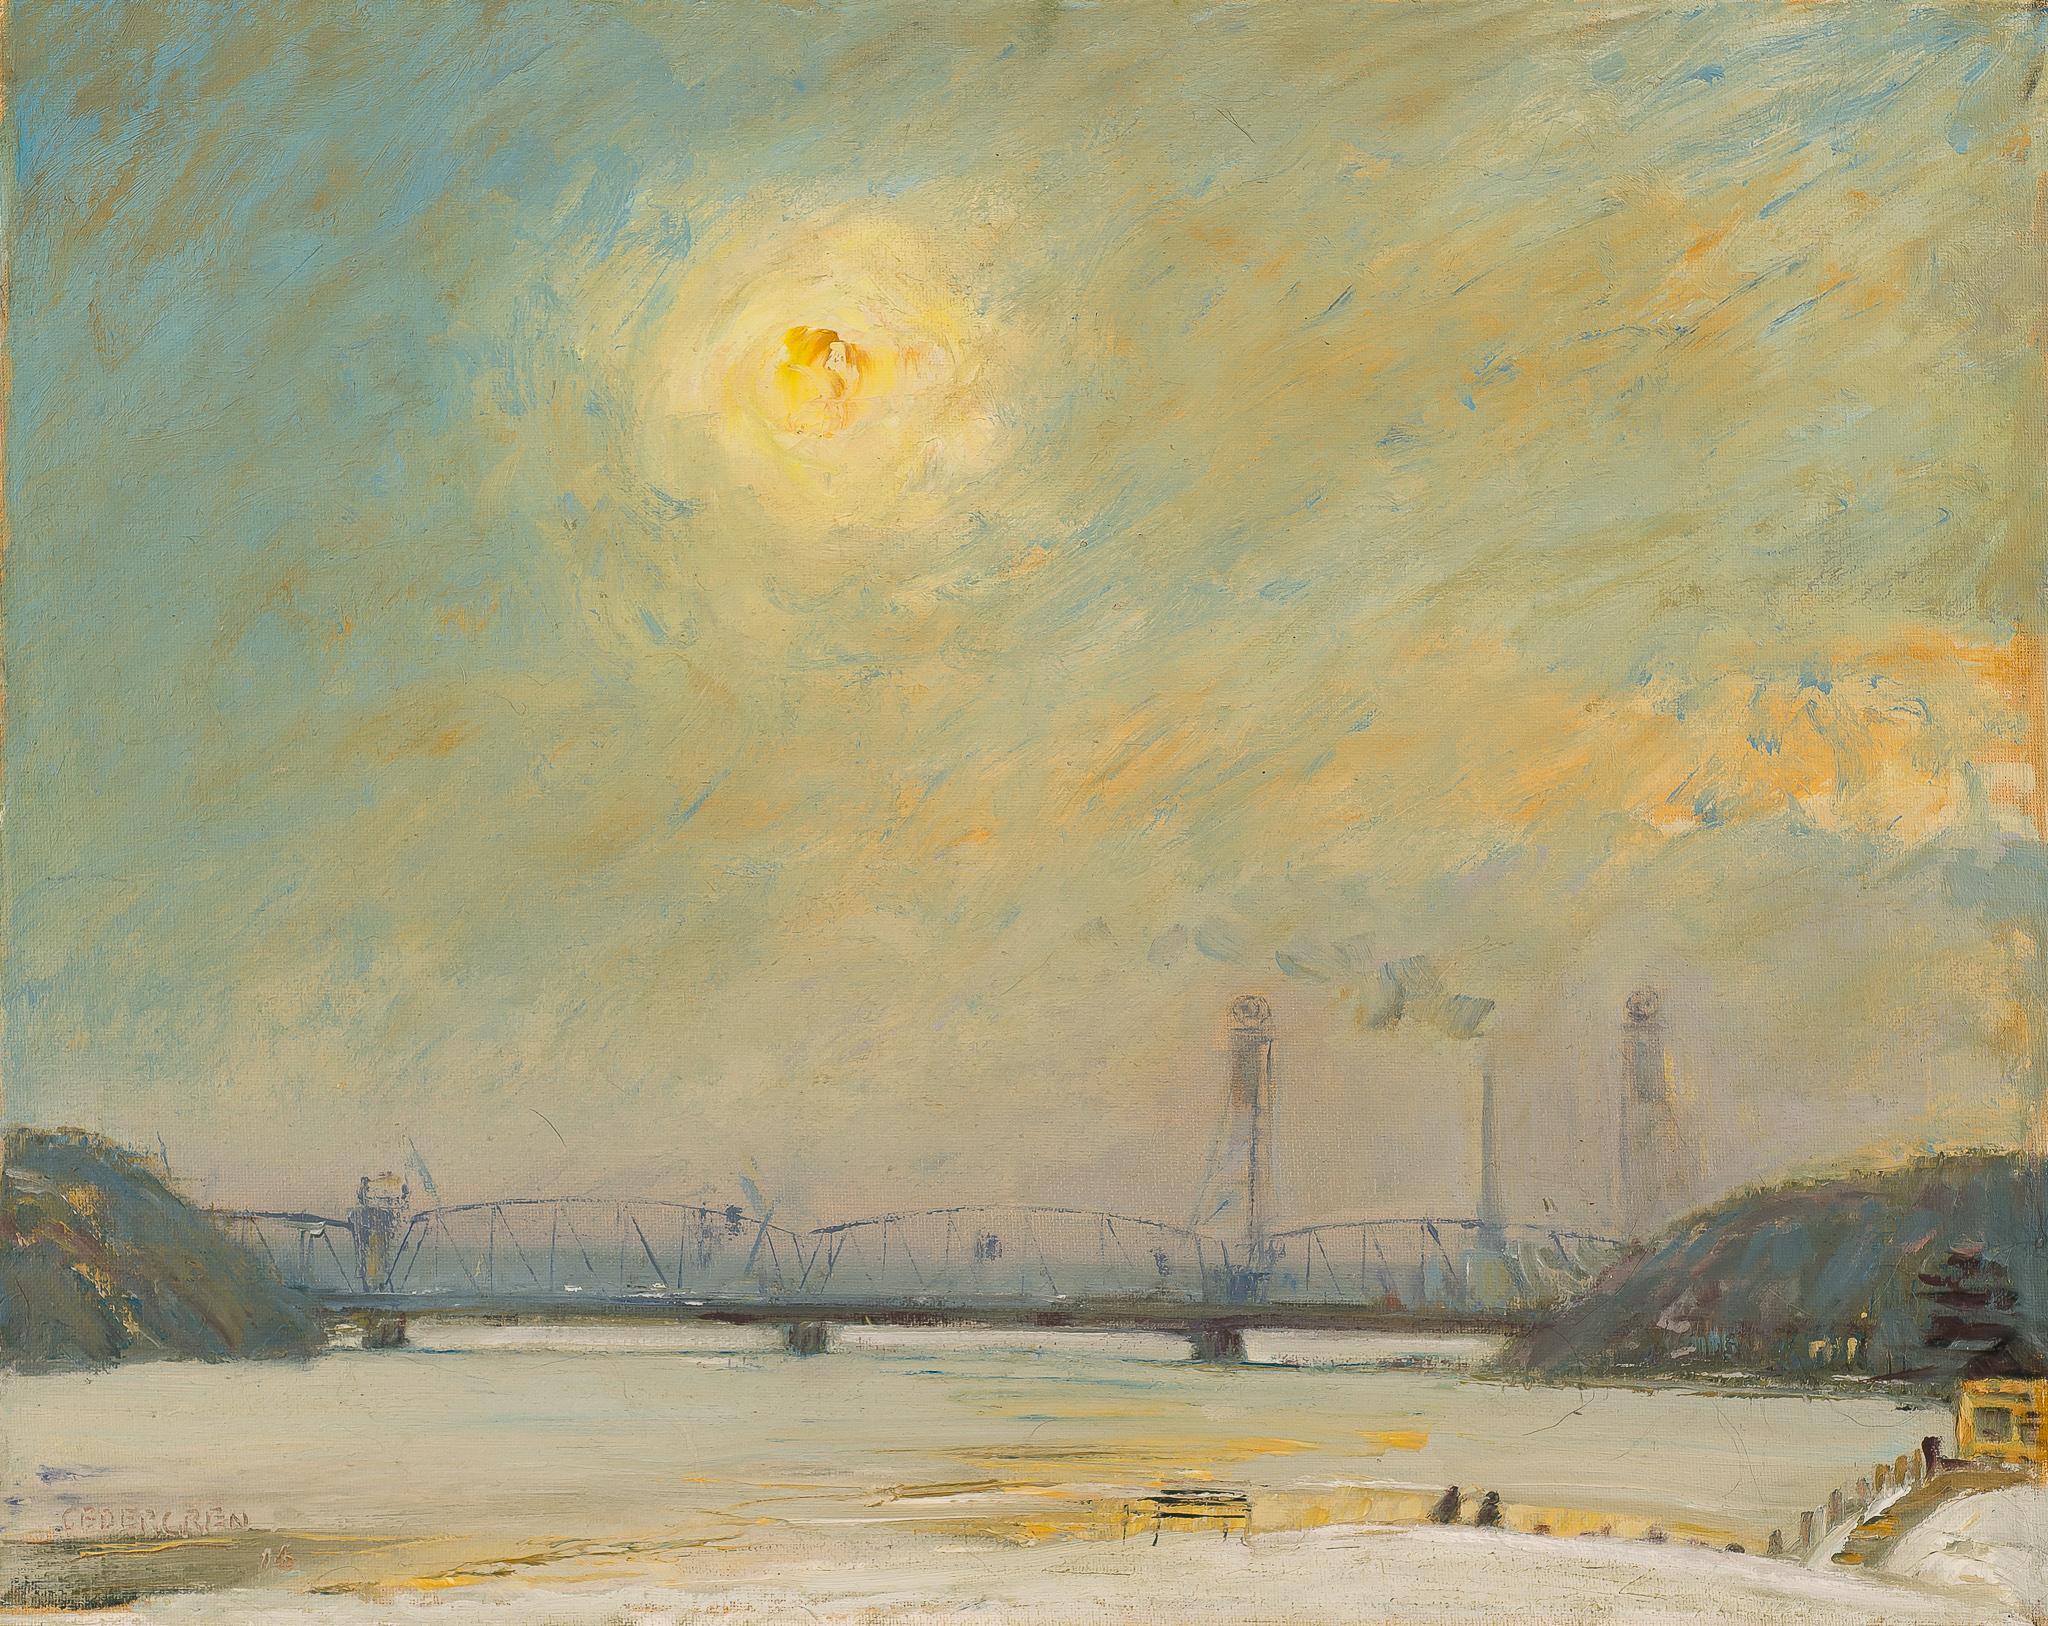 Liftbridge Morning